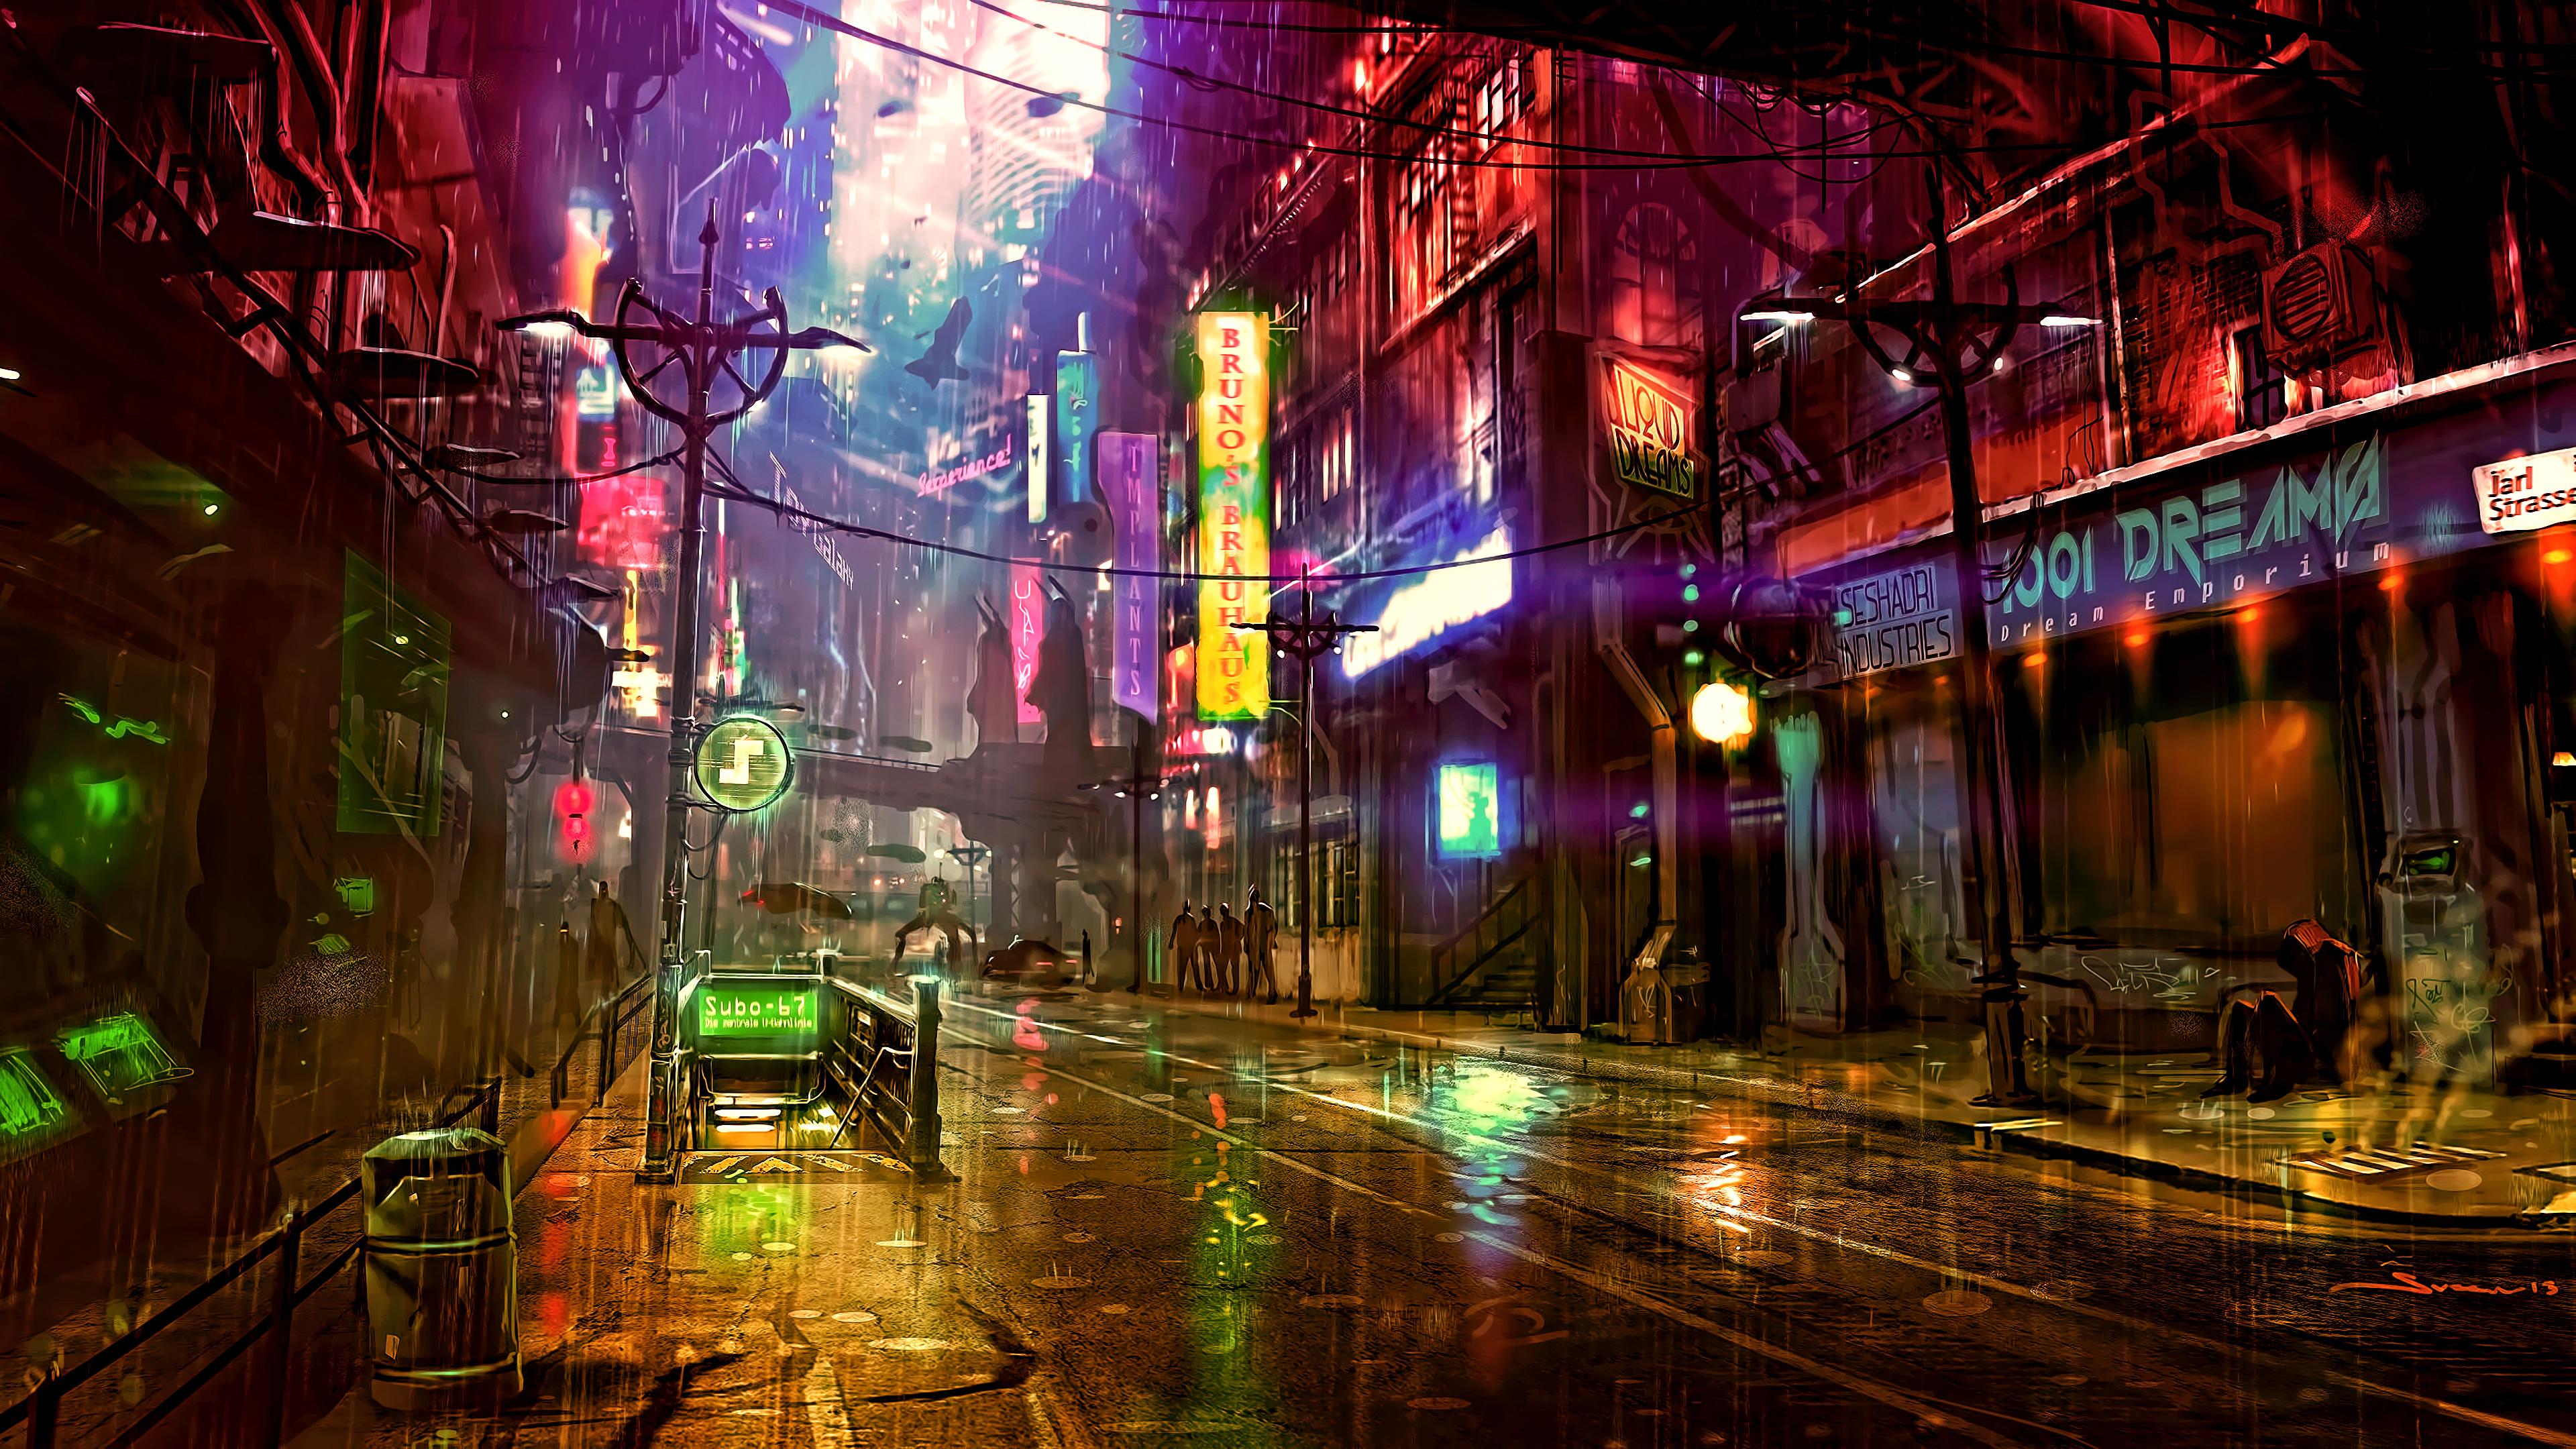 Futuristic City Cyberpunk Neon Street Digital Art 4k, HD ...